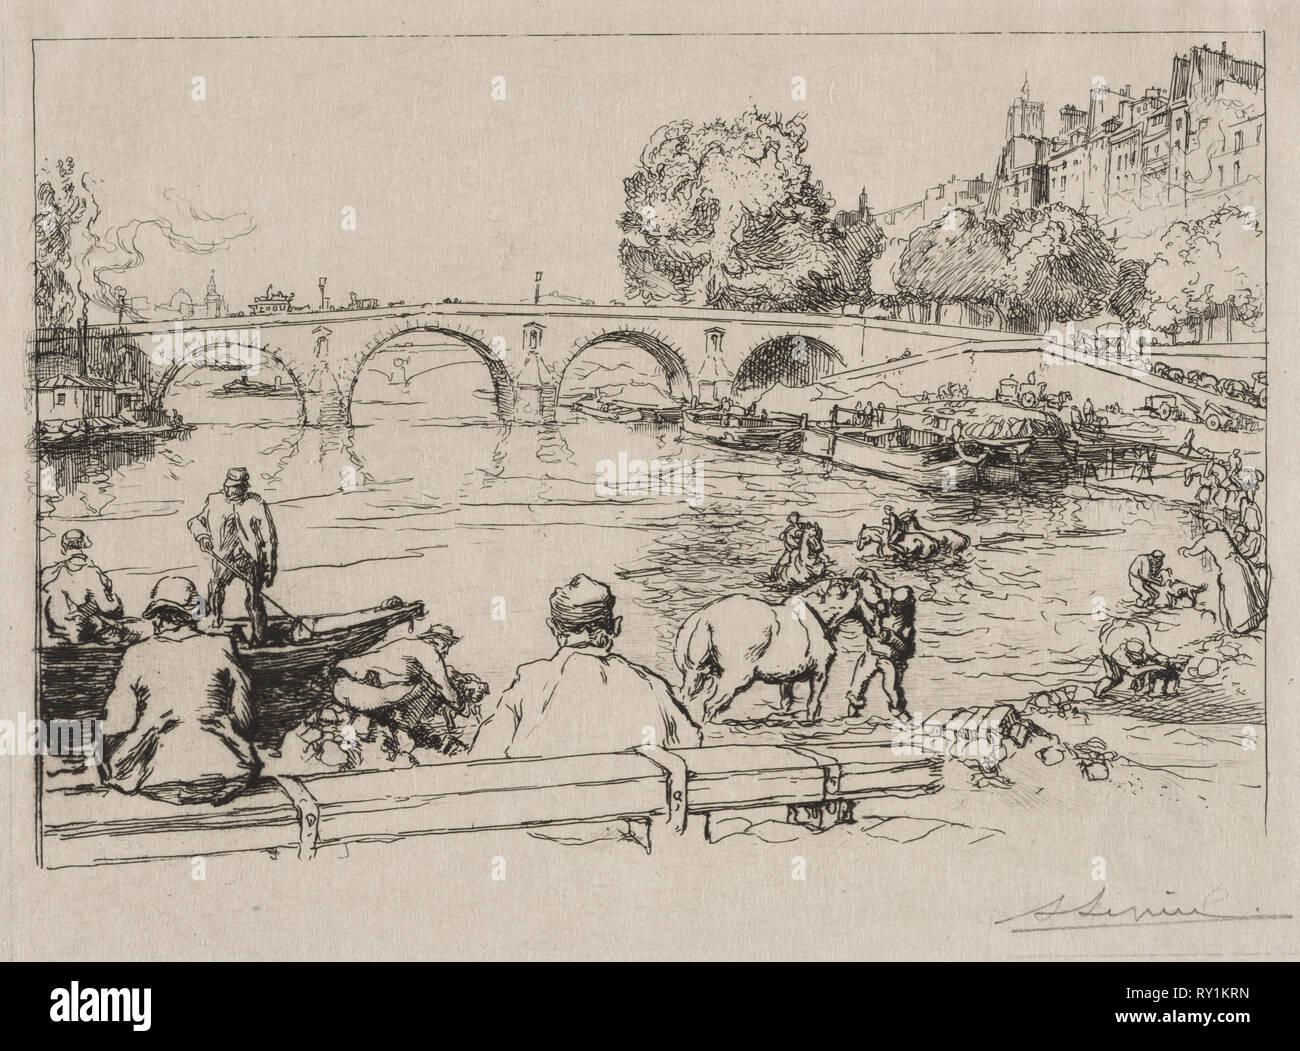 L'Abreuvoir at Pont Marie, 1912. Auguste Louis Lepère (French, 1849-1918). Etching - Stock Image